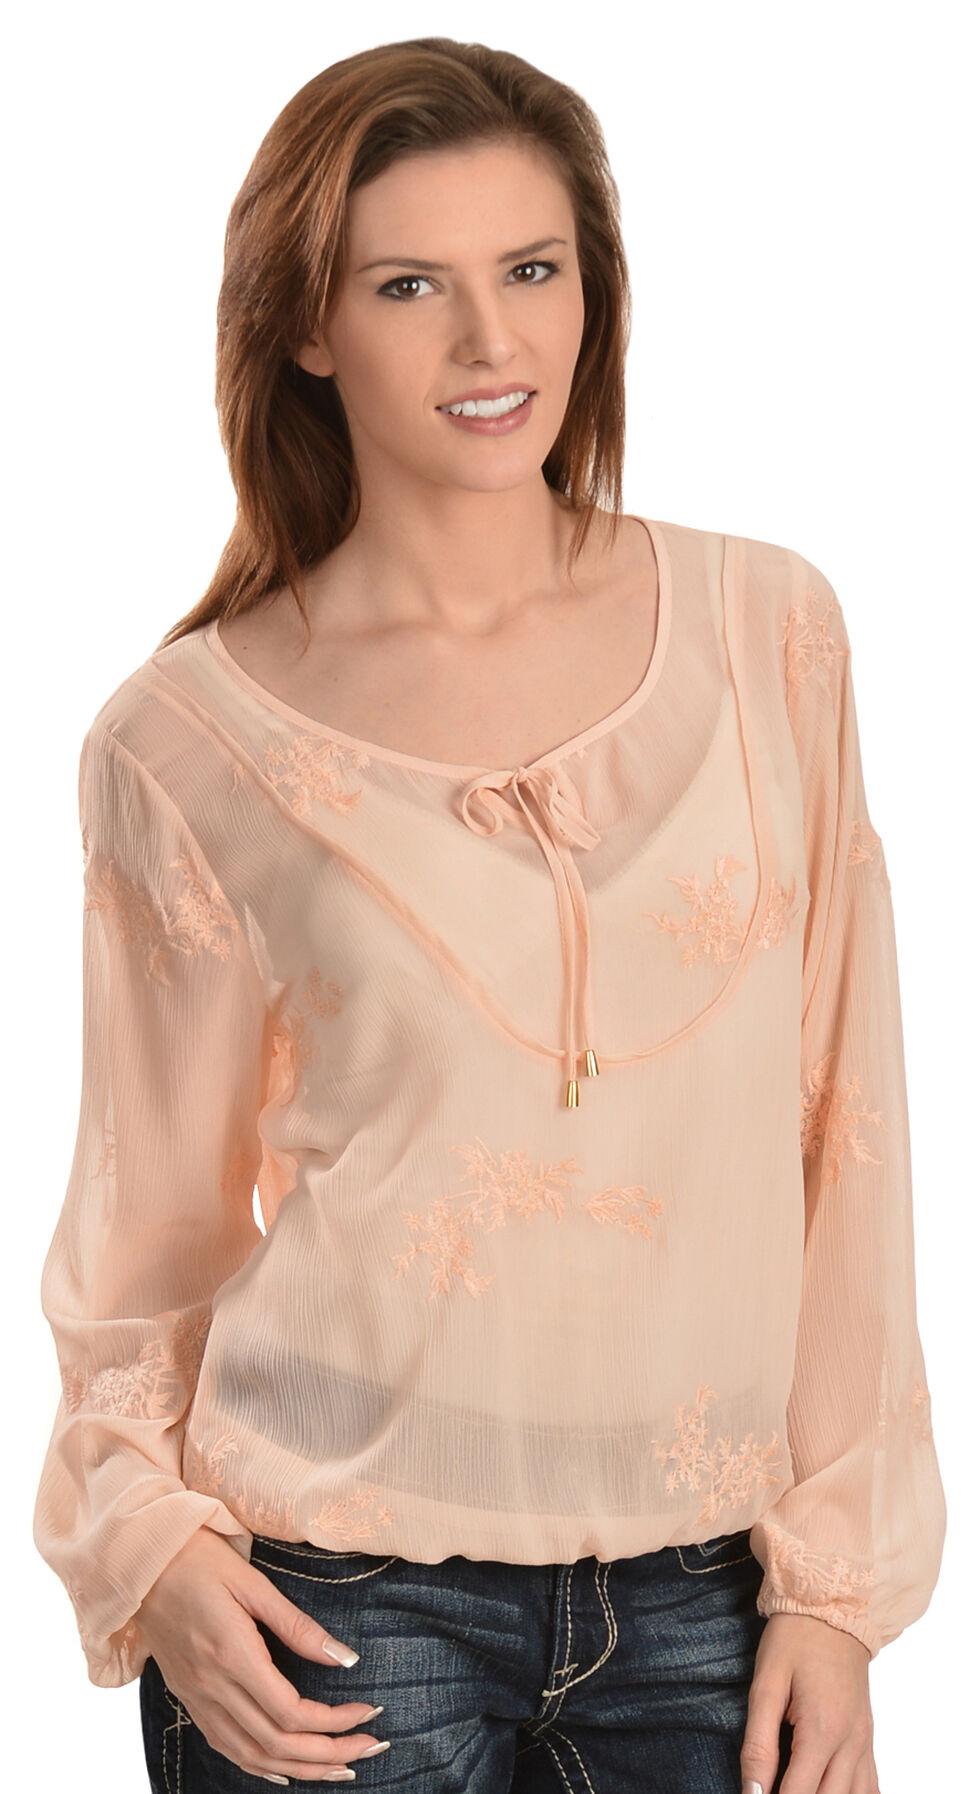 Ariat Alva Embroidered Chiffon Top, Natural, hi-res